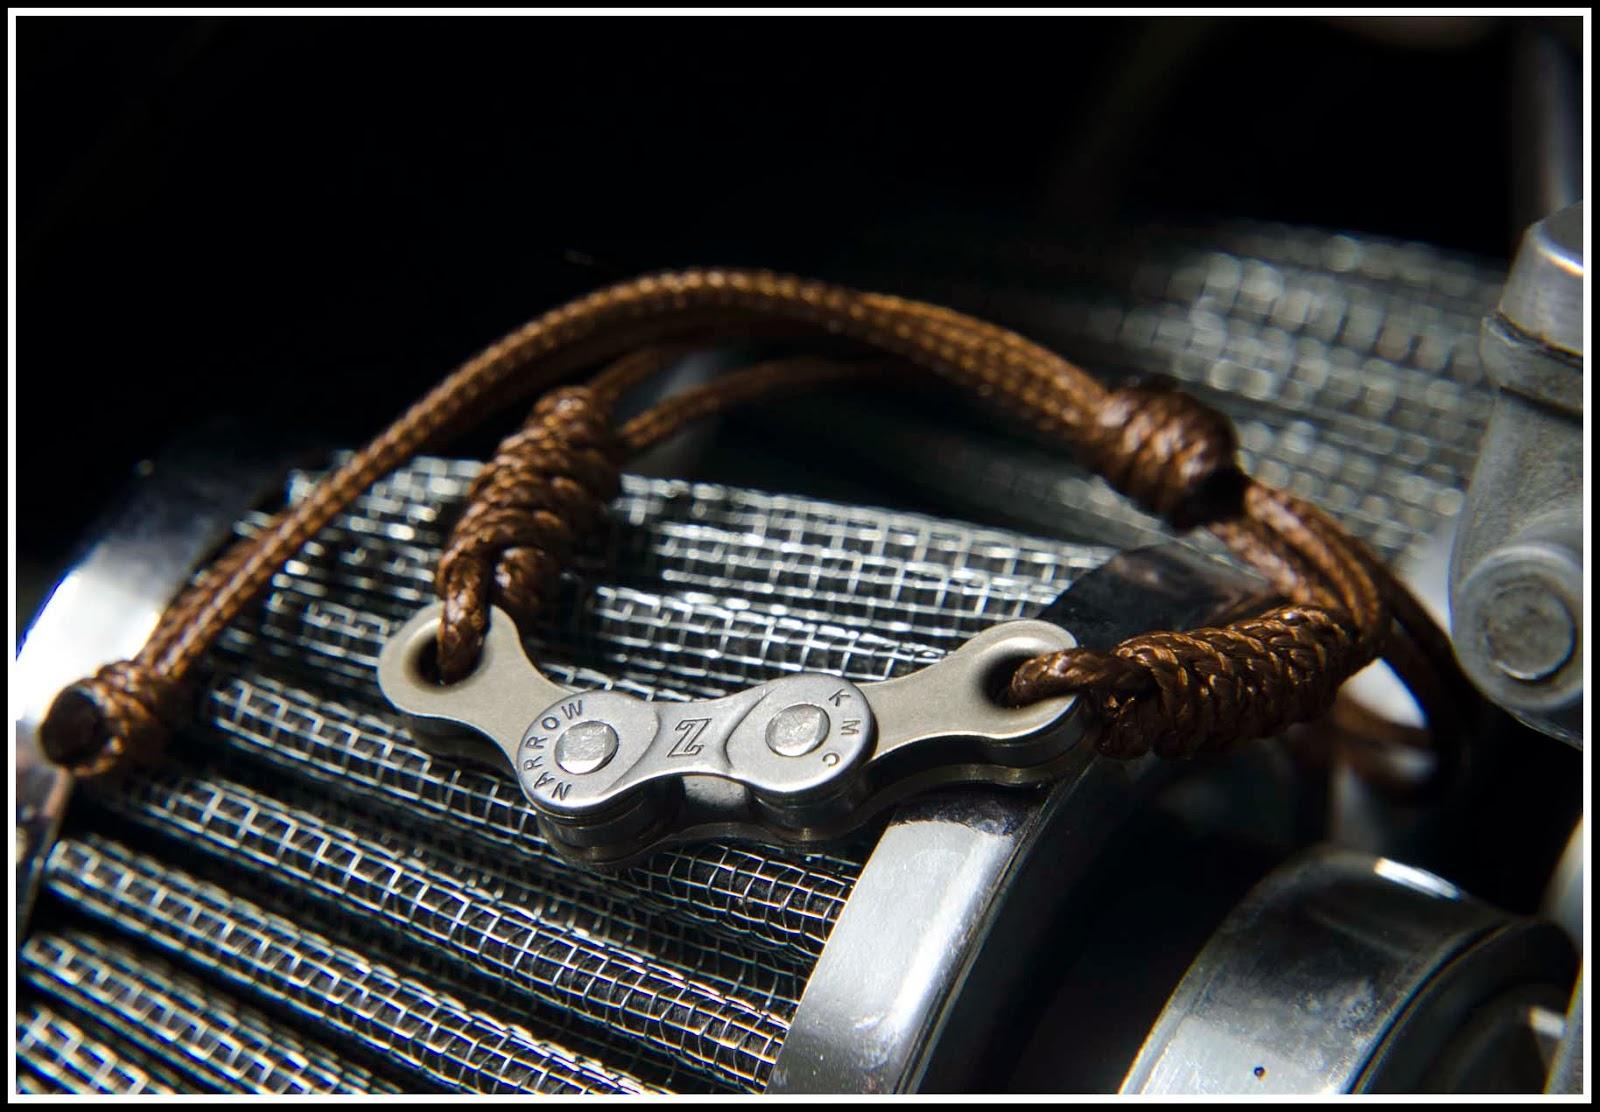 Pulsera de hombre realizada con piezas de bici y montada en cordón marrón